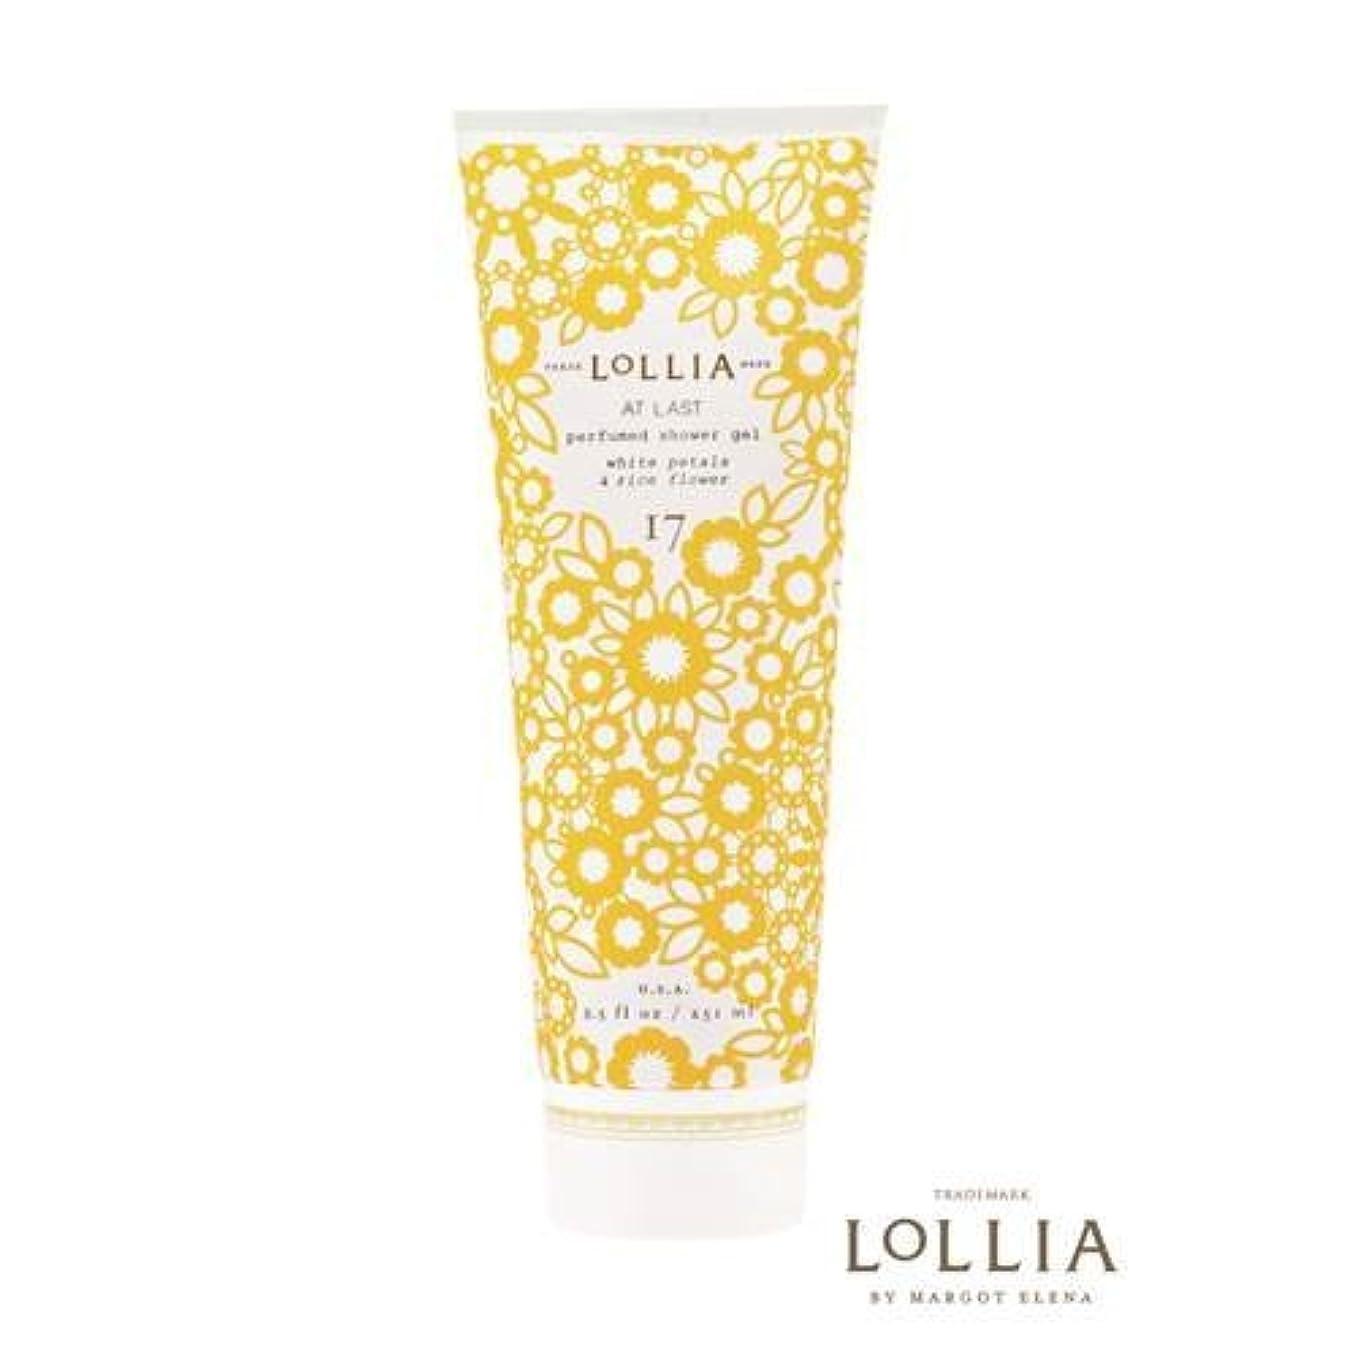 寛大さファンブル確かなロリア(LoLLIA) パフュームドシャワージェル AtLast 251ml(全身用洗浄料 ボディーソープ ライスフラワー、マグノリアとミモザの柔らかな花々の香り)